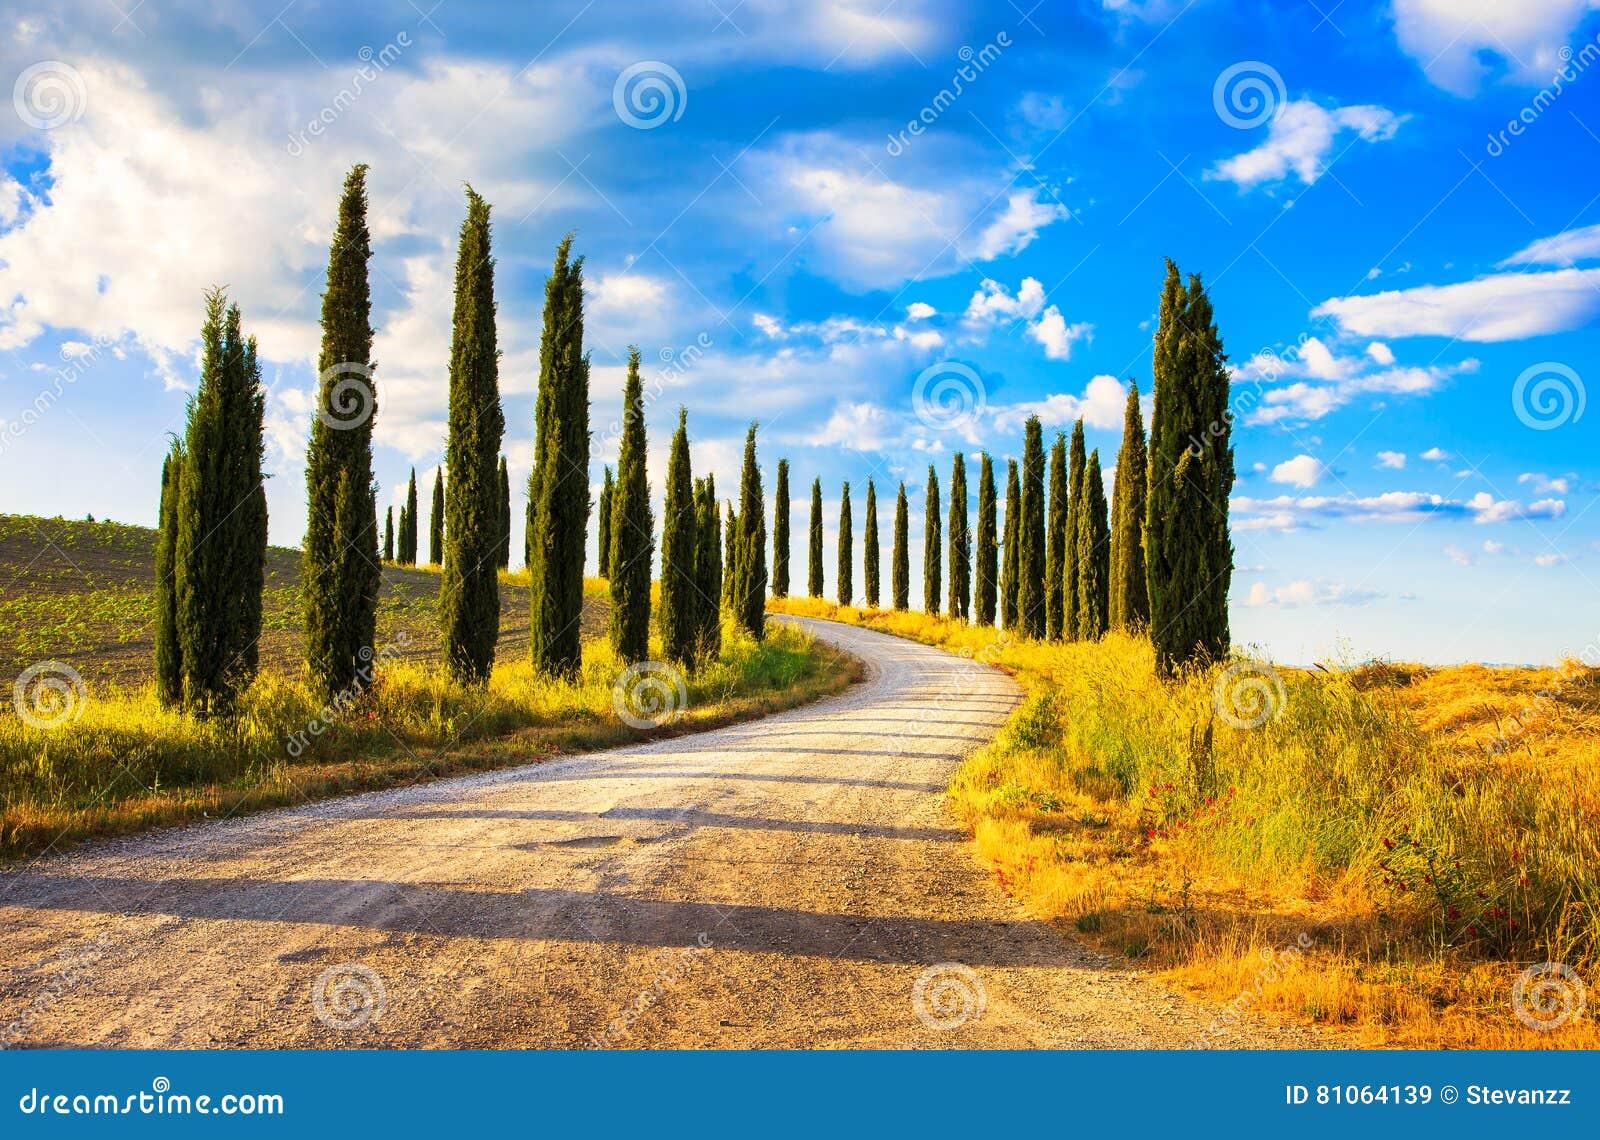 托斯卡纳,柏树白色路农村风景,意大利,欧洲